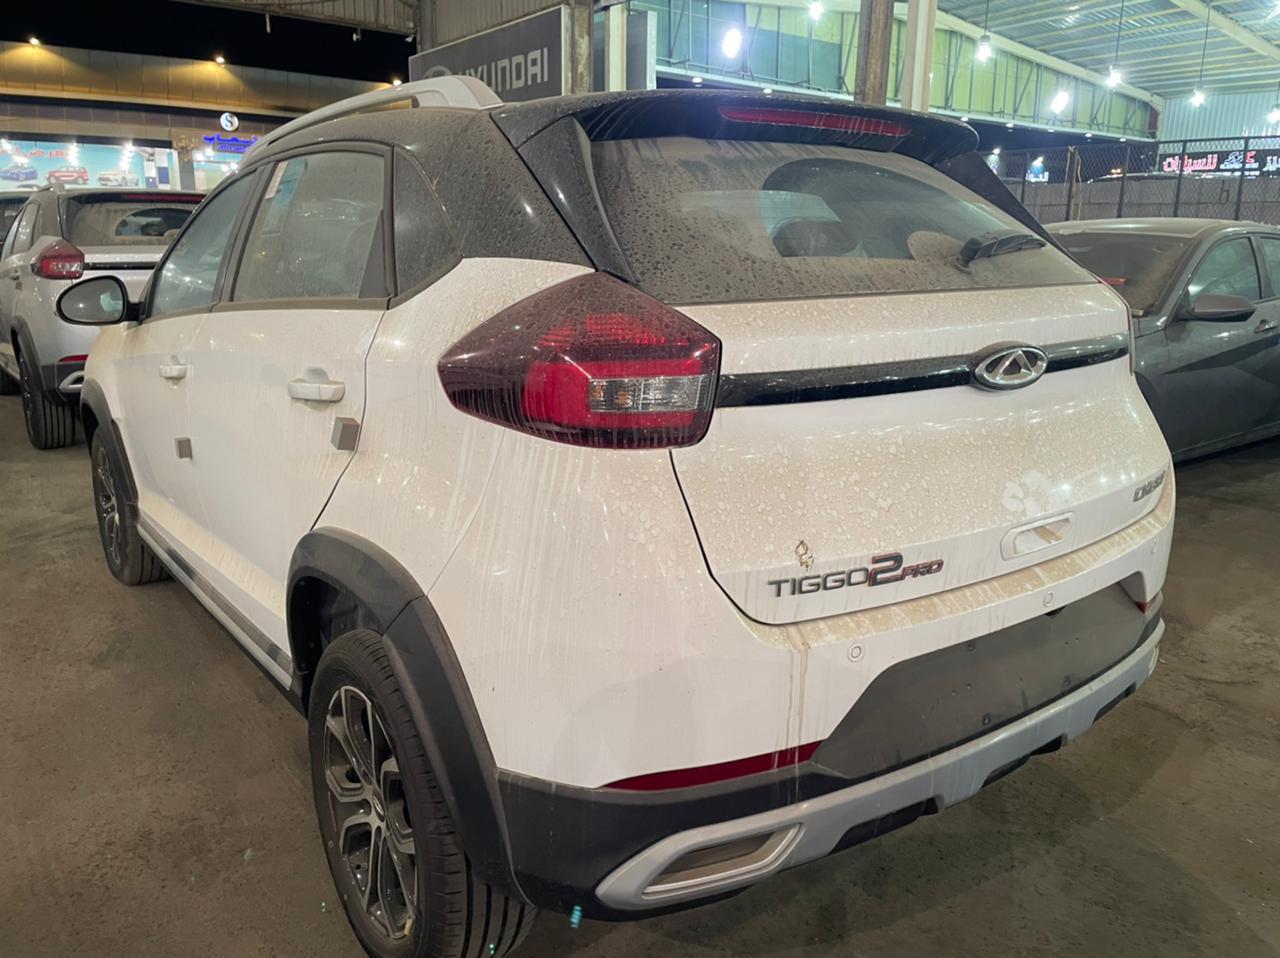 شيري تيجوو 2 ستاندر  2021 سعودي جديد للبيع في جدة - السعودية - صورة كبيرة - 4